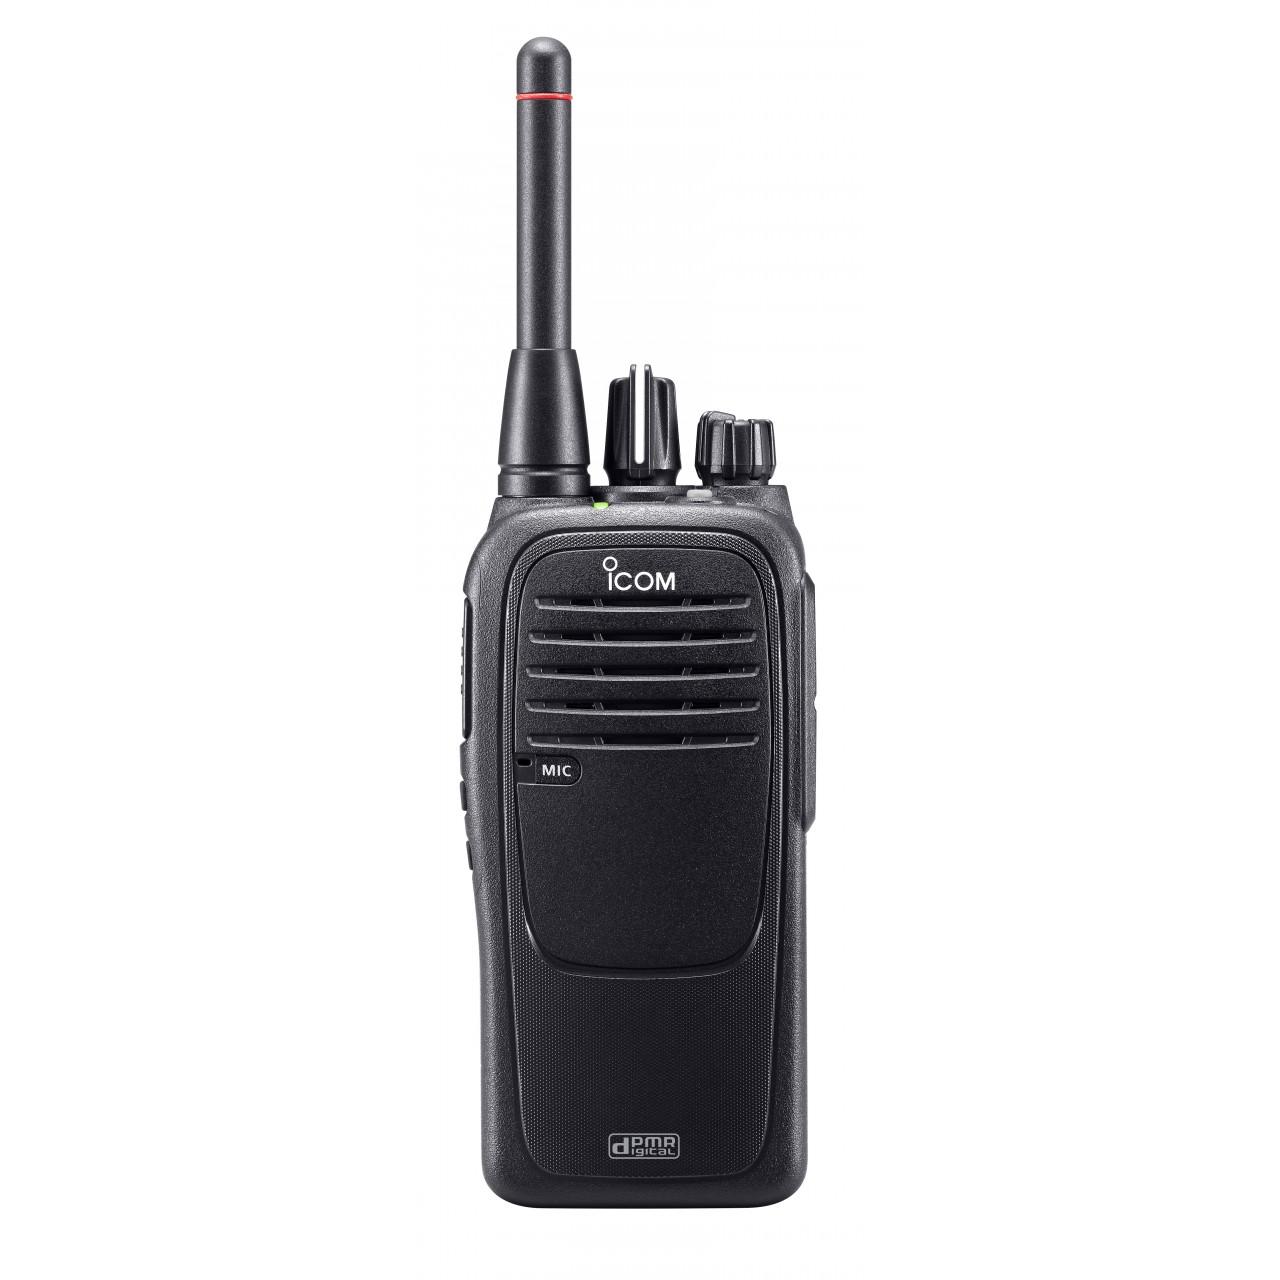 IC-F29DR Handhelds - ICOM